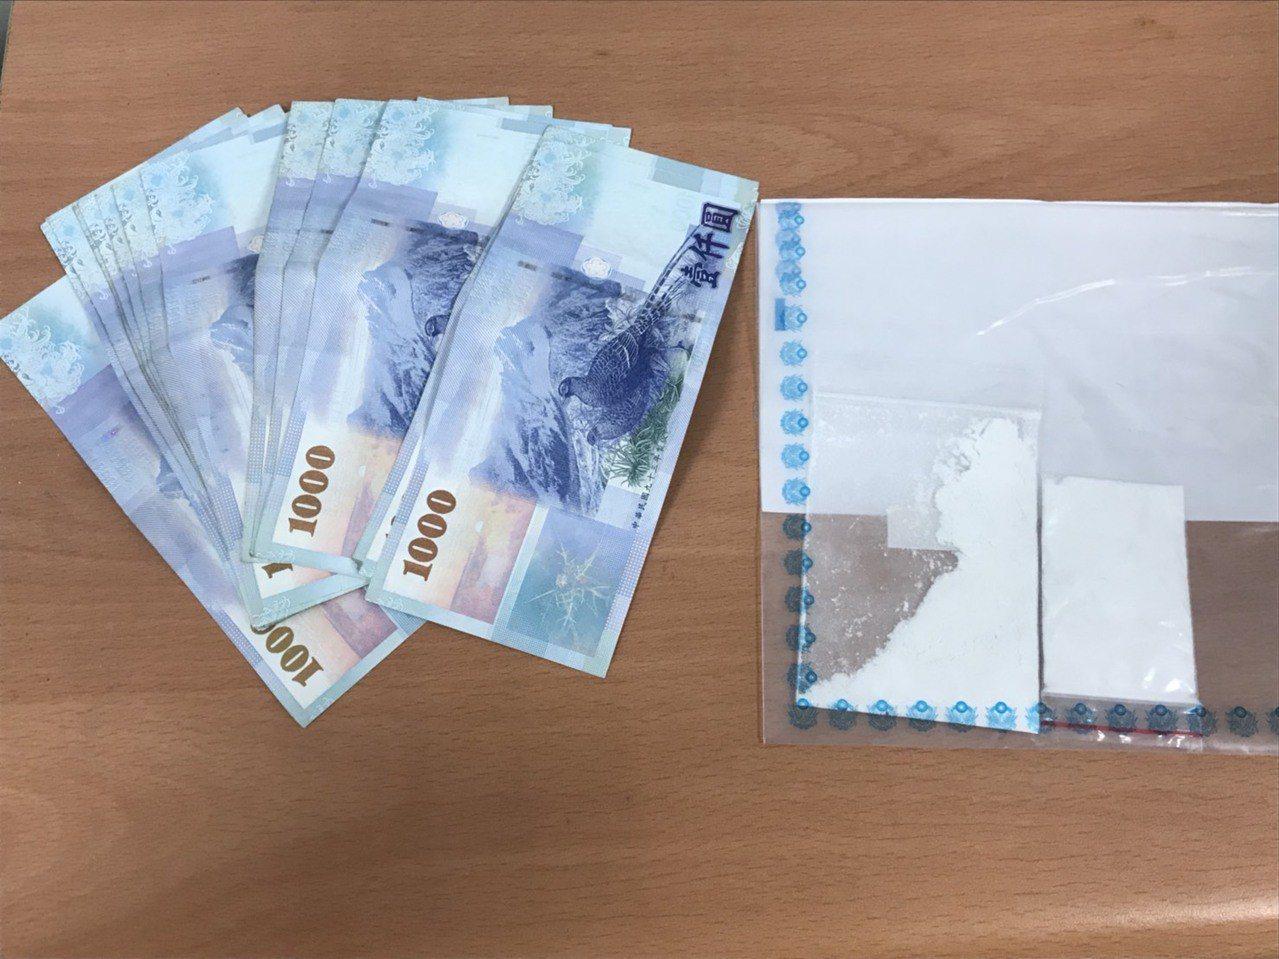 嫌犯搶走泰女28萬元,被逮後僅剩2萬元。記者巫鴻瑋/翻攝